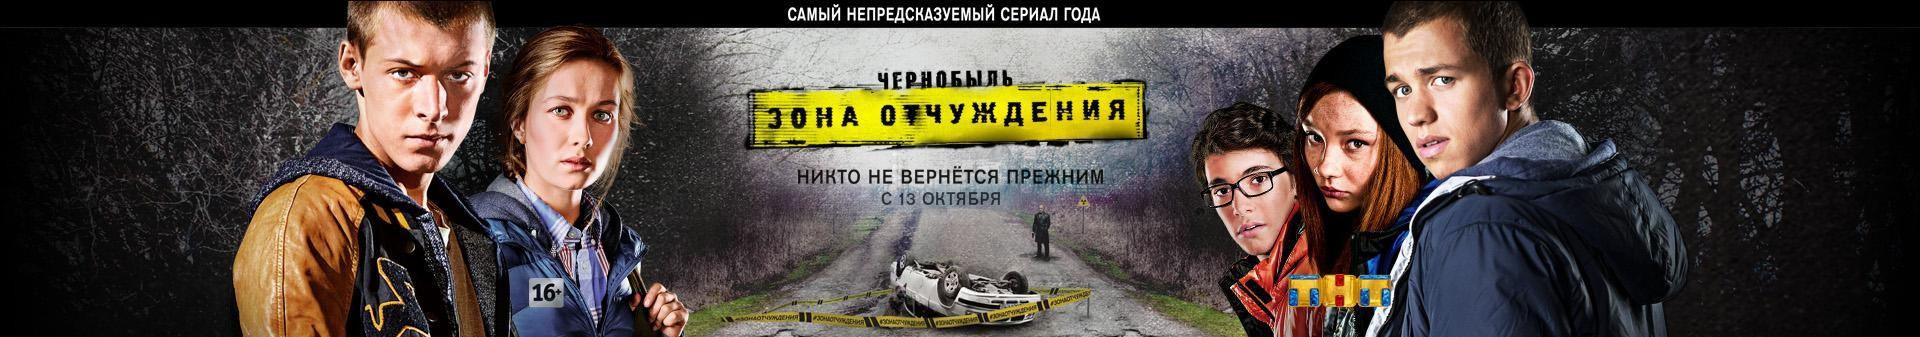 смотреть онлайн 1 сезон чернобыль зона отчуждения